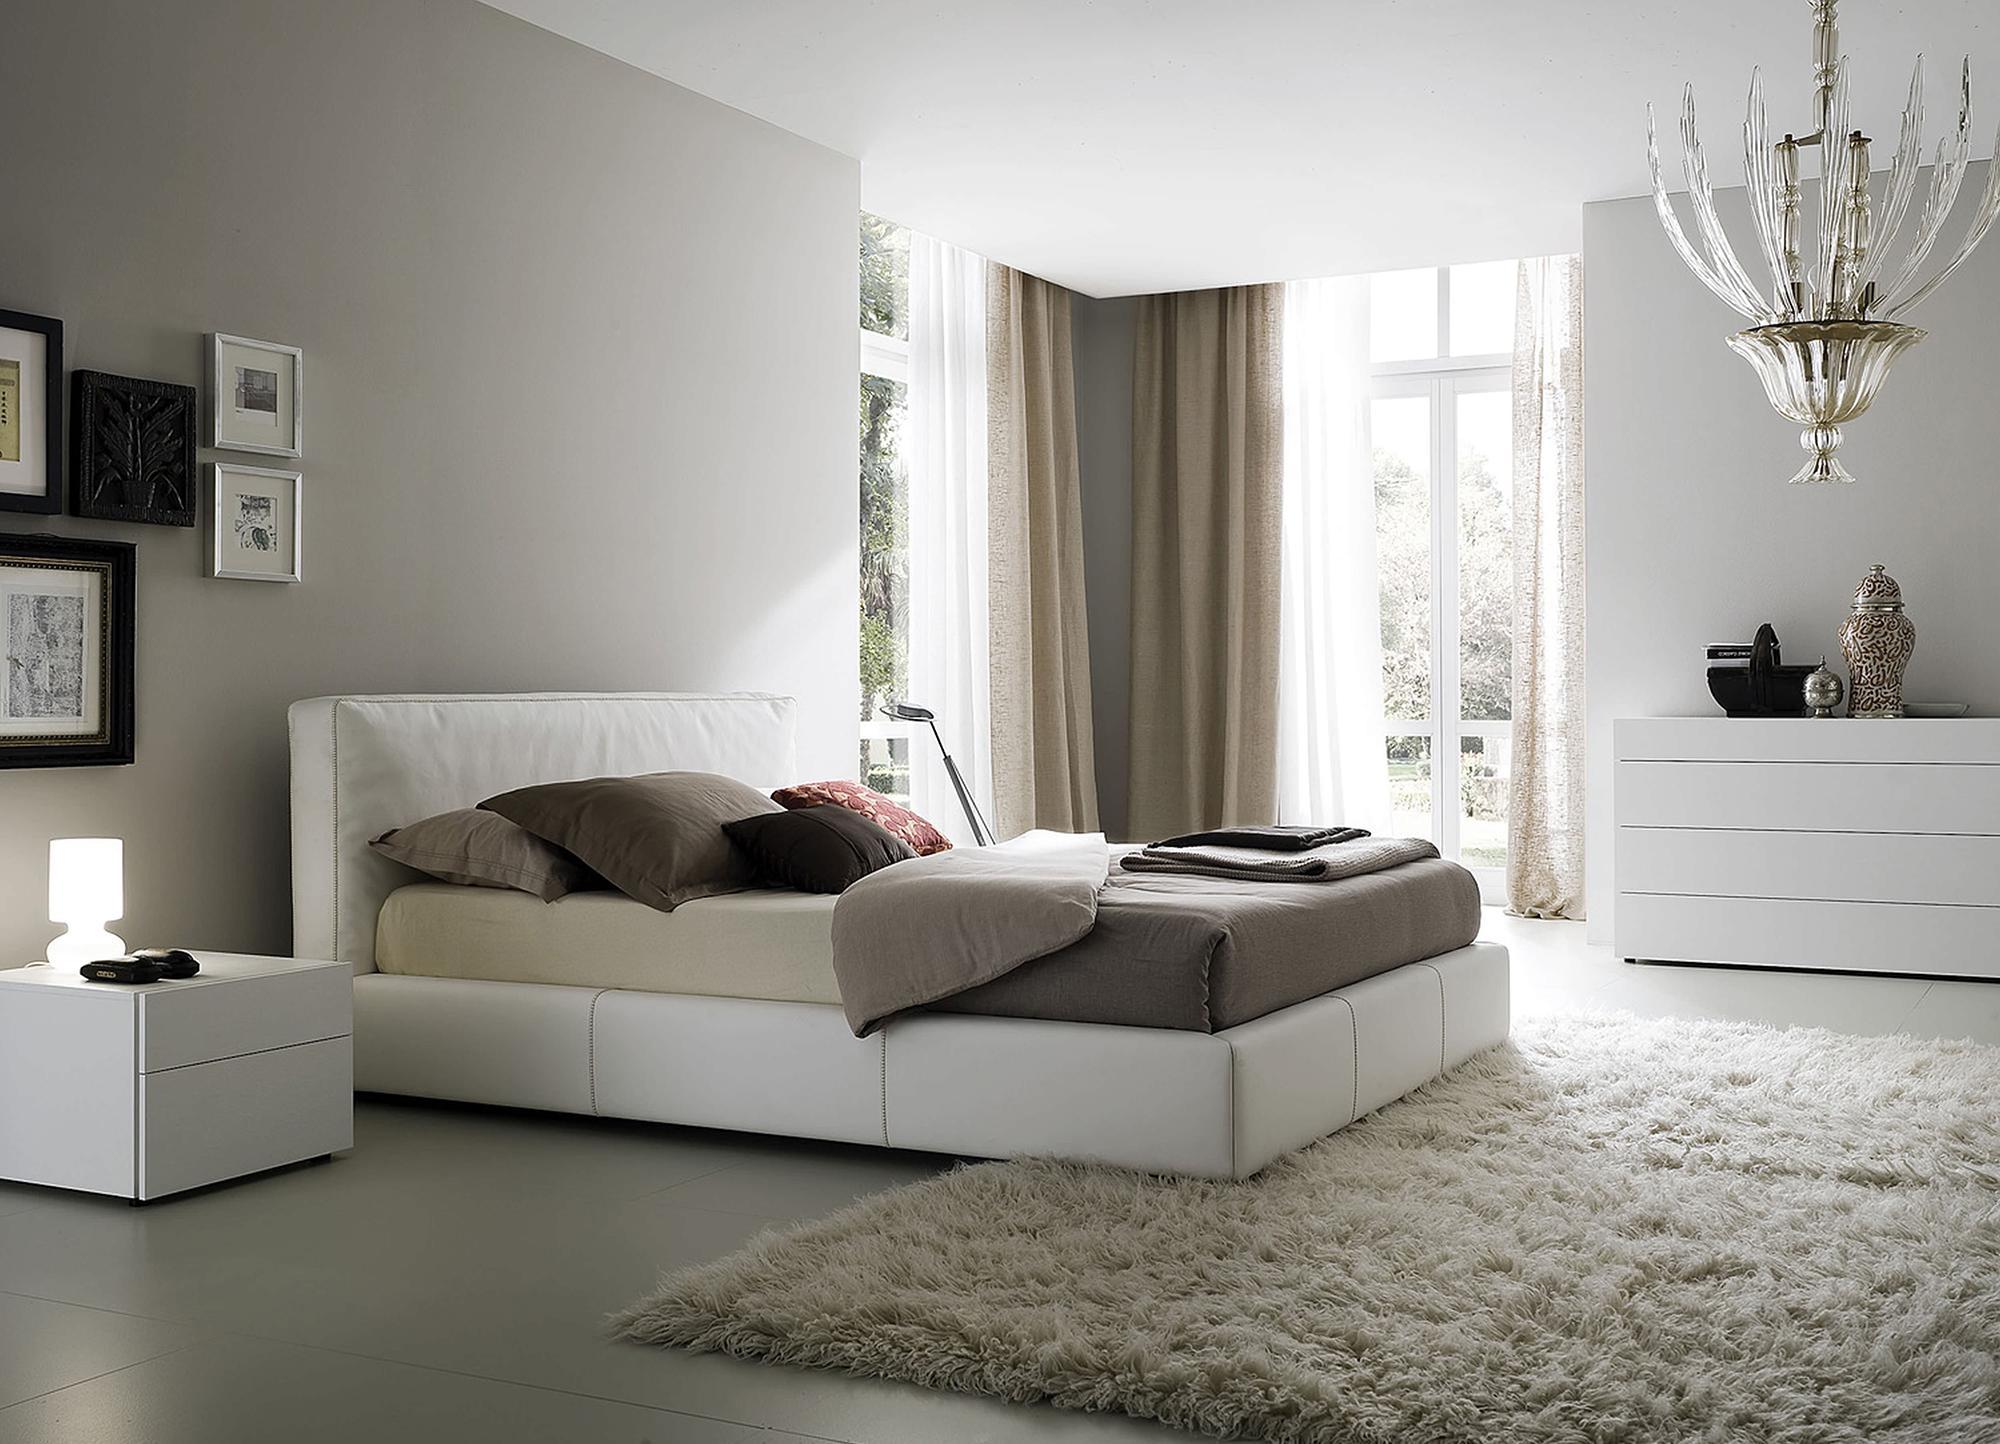 Спальня 16 кв м в бело-серых тонах